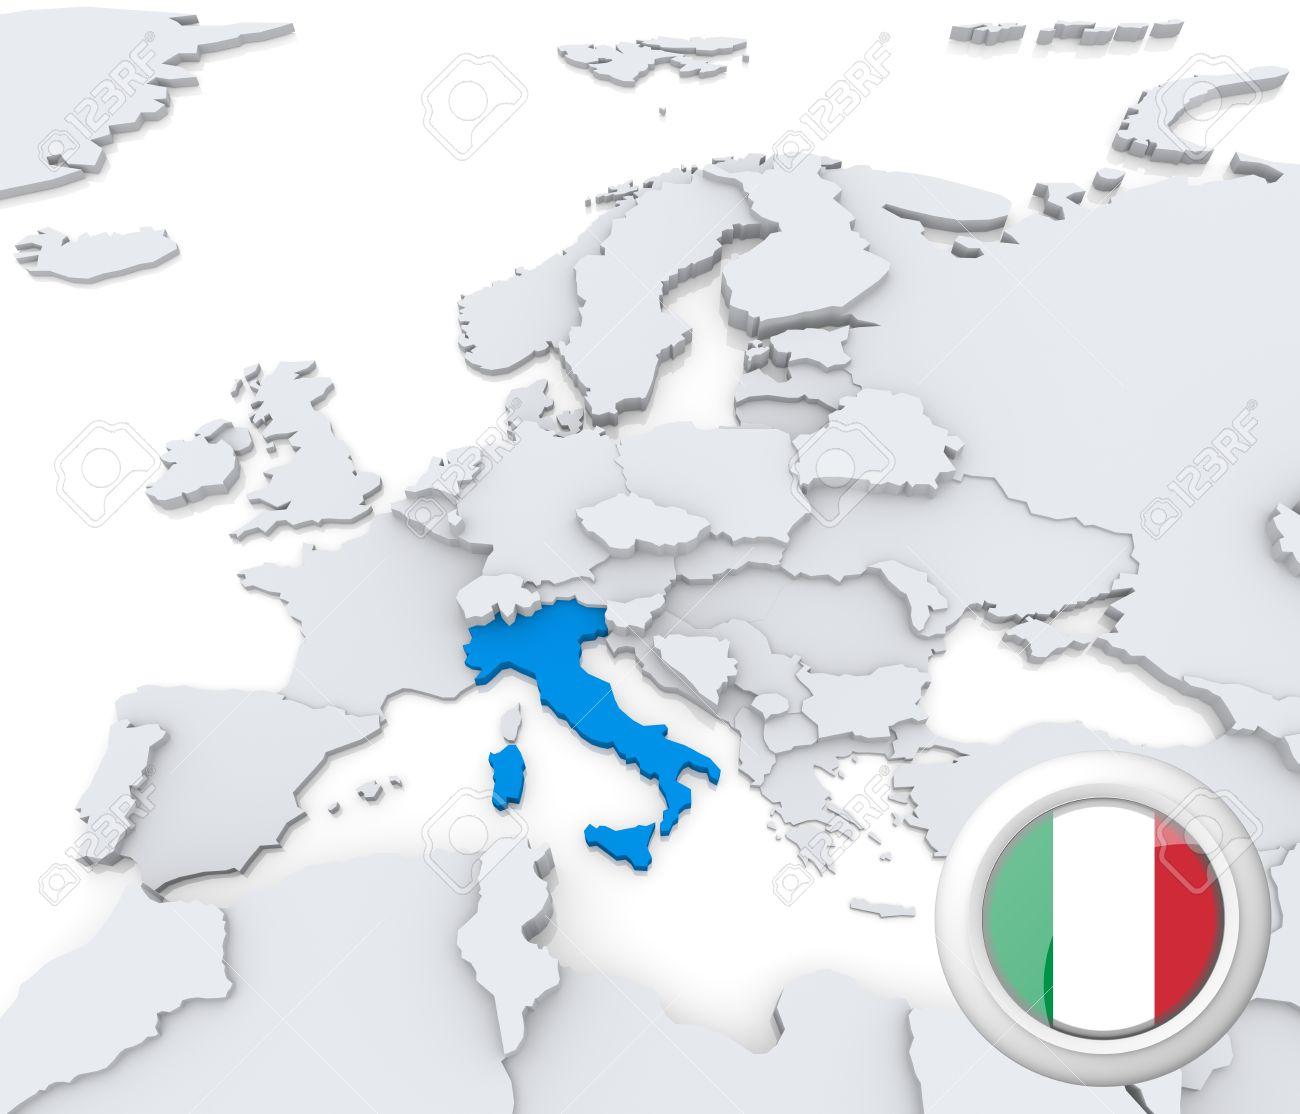 Carte Italie Europe.Mis En Evidence L Italie Sur La Carte De L Europe Avec Le Drapeau National